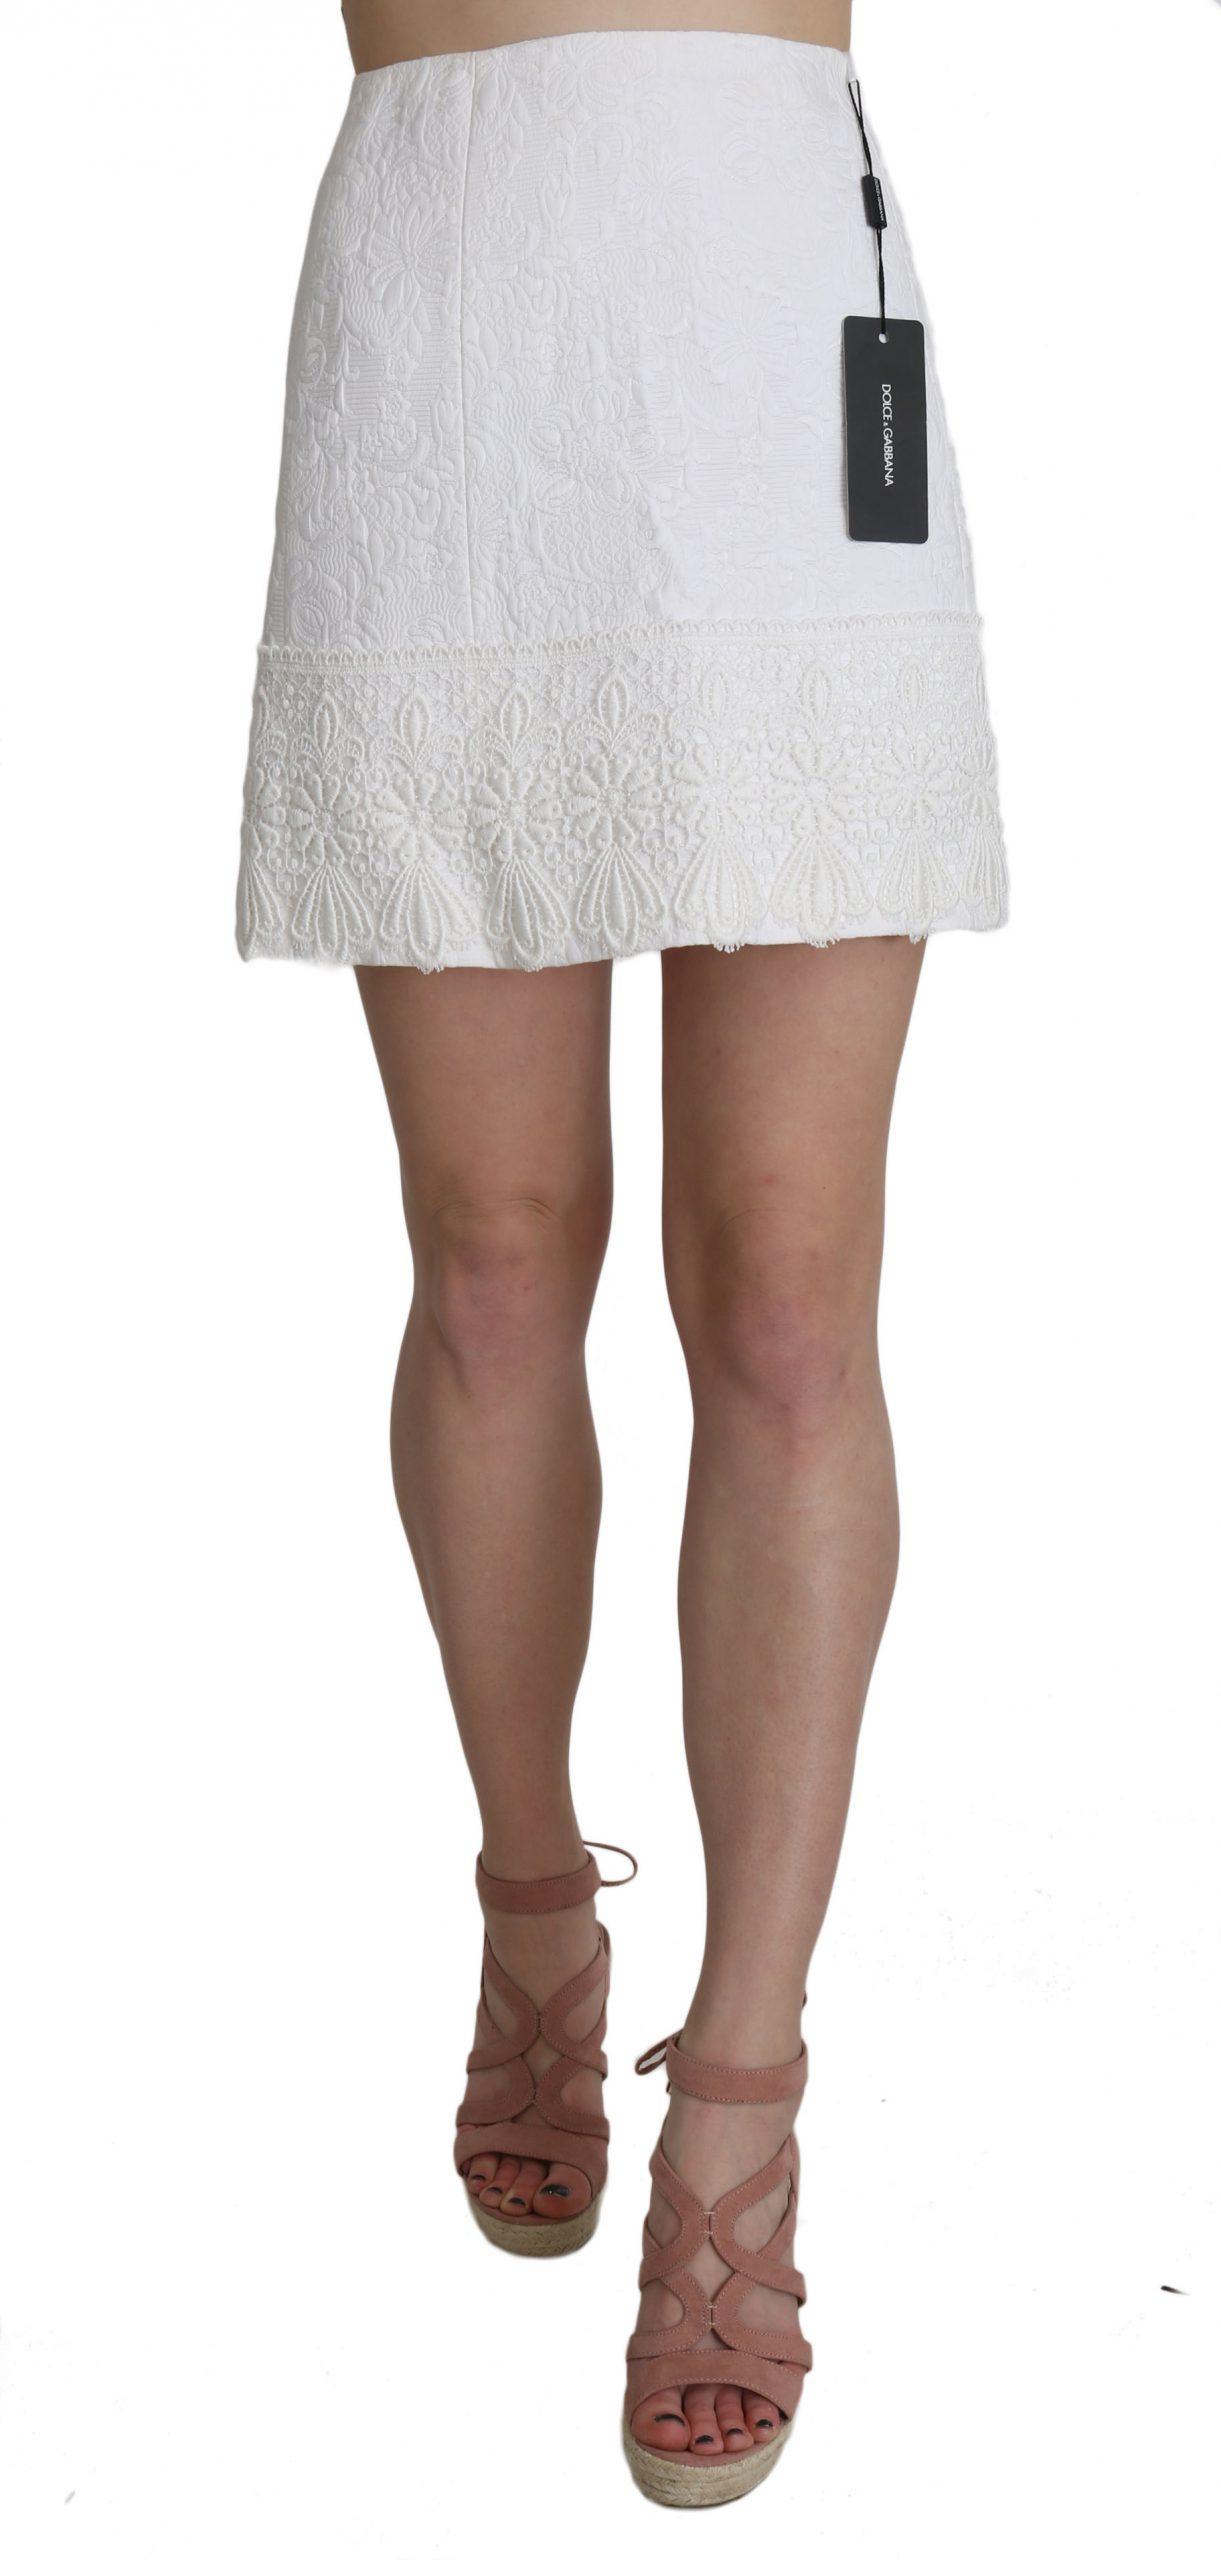 Dolce & Gabbana Women's Skirt White SKI1198 - IT36|XXS